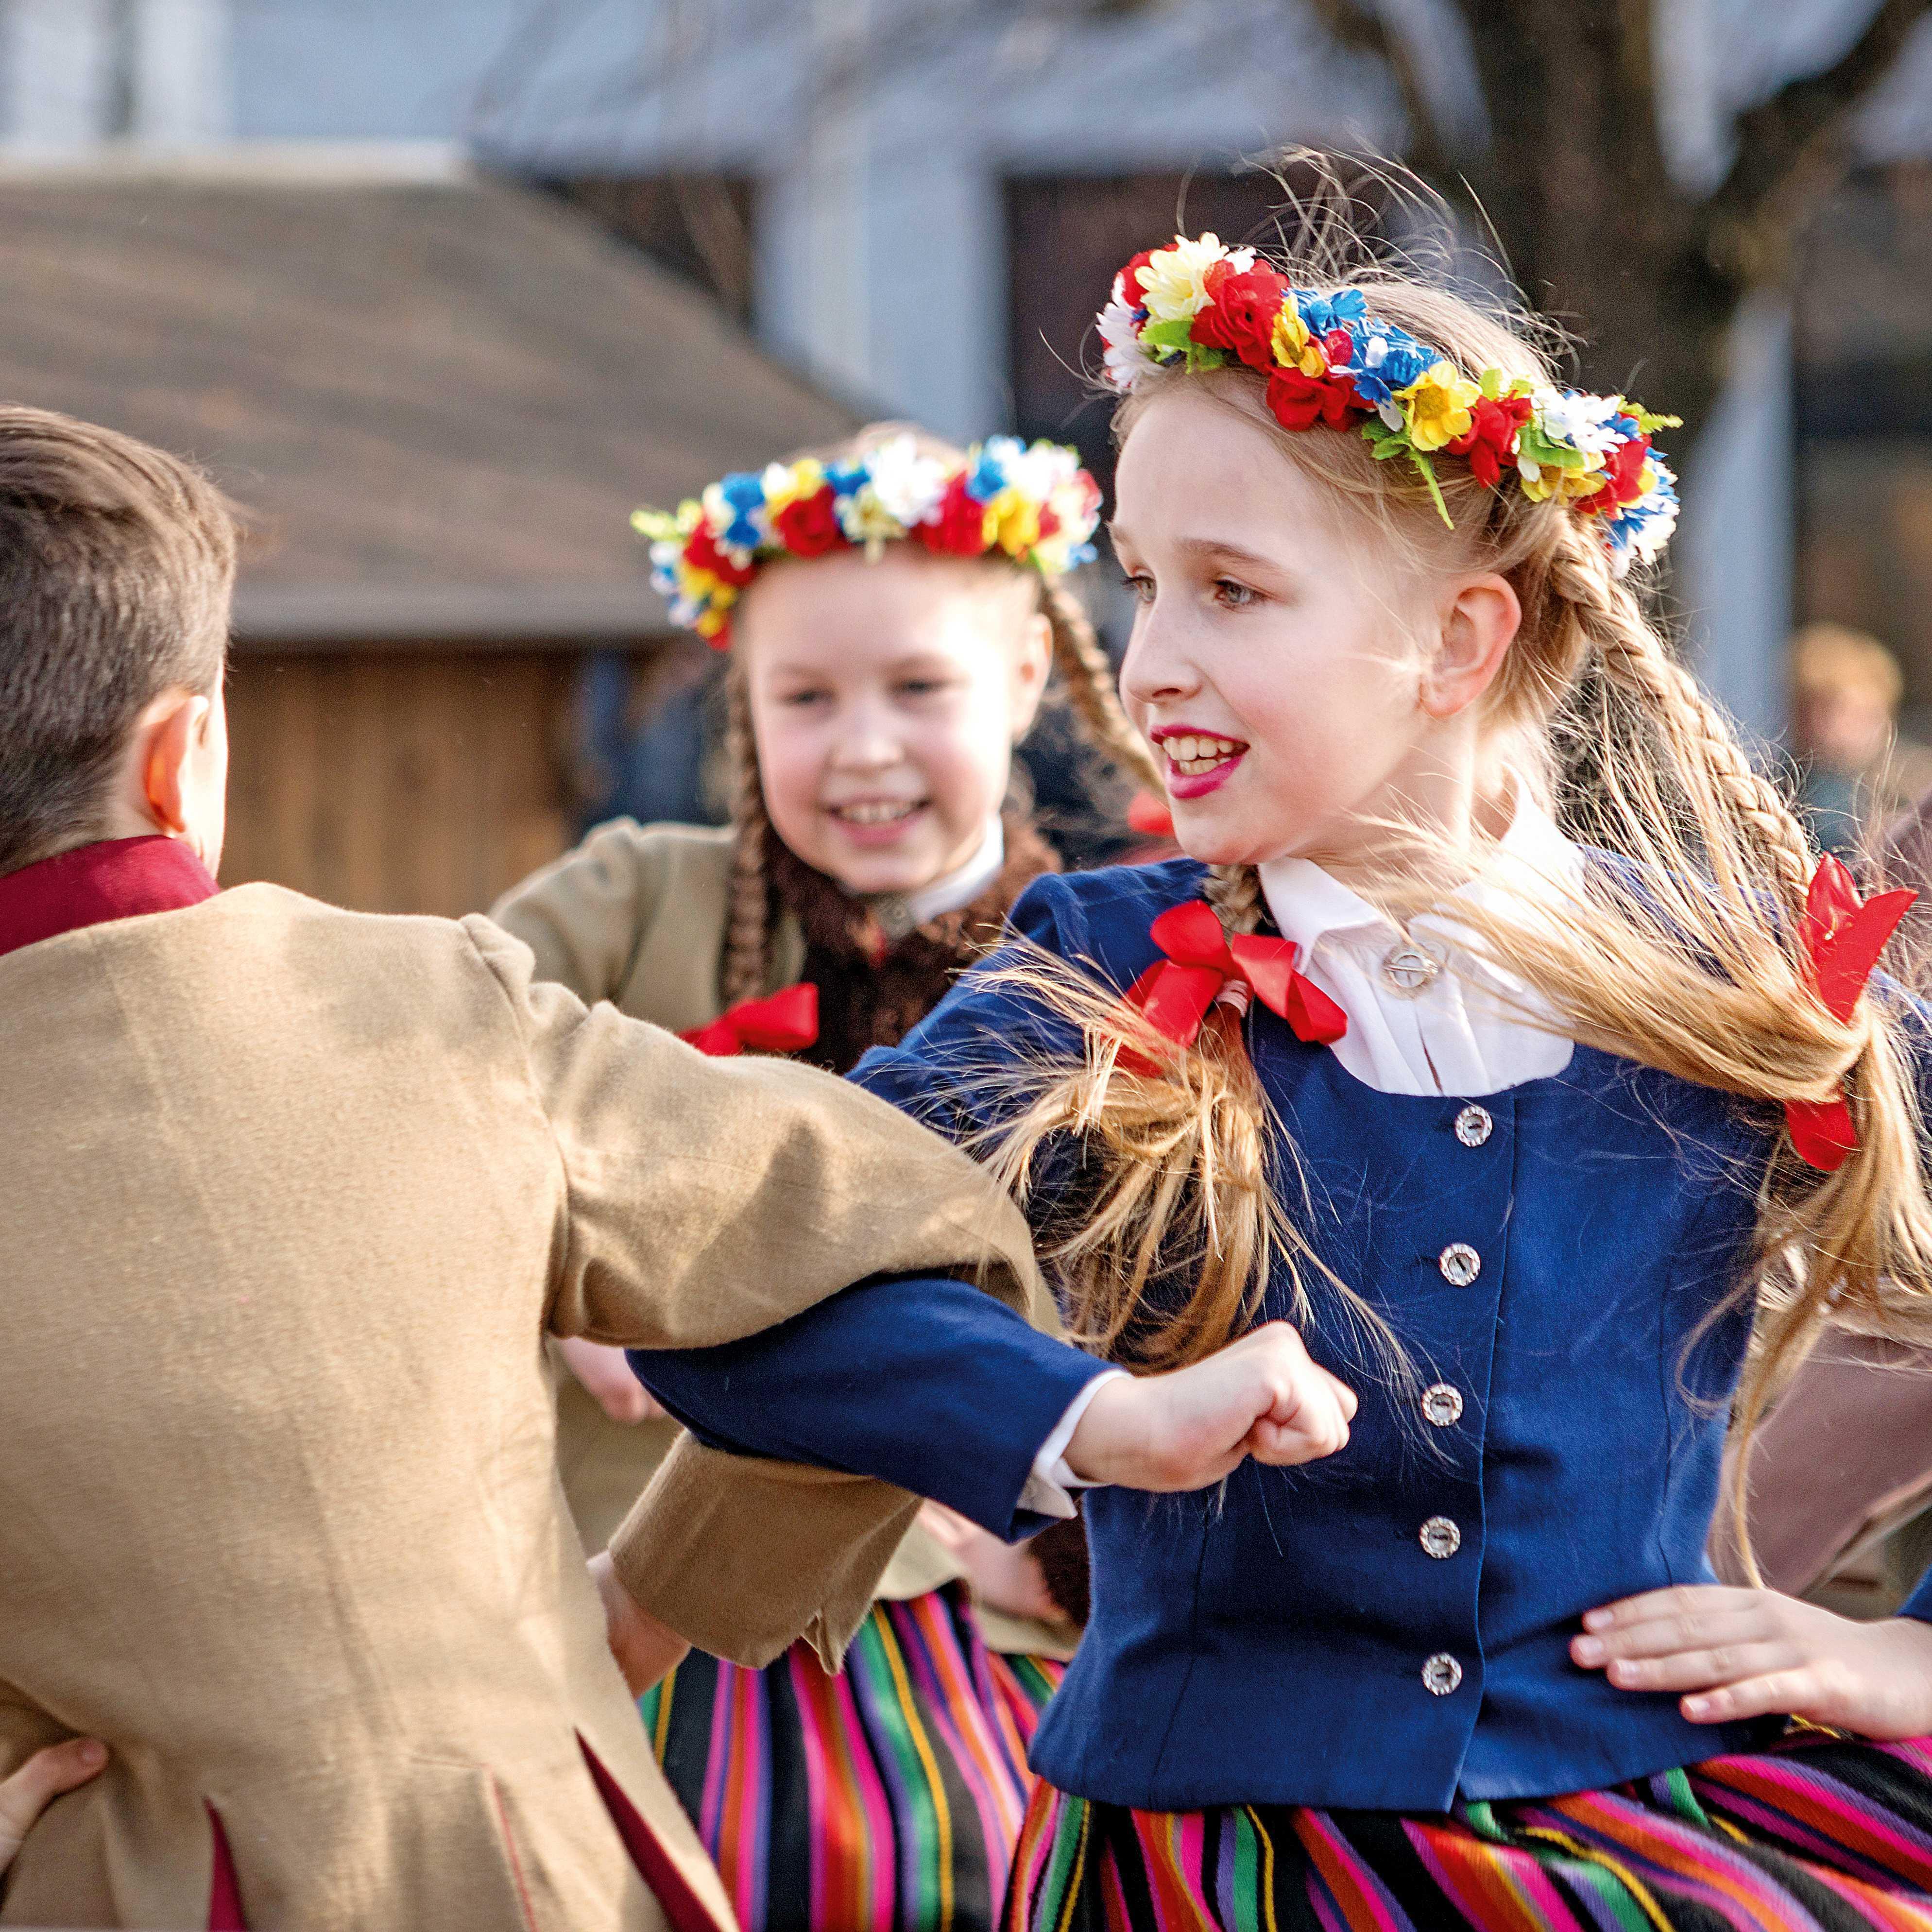 Susipažink su liaudies tradicijomis